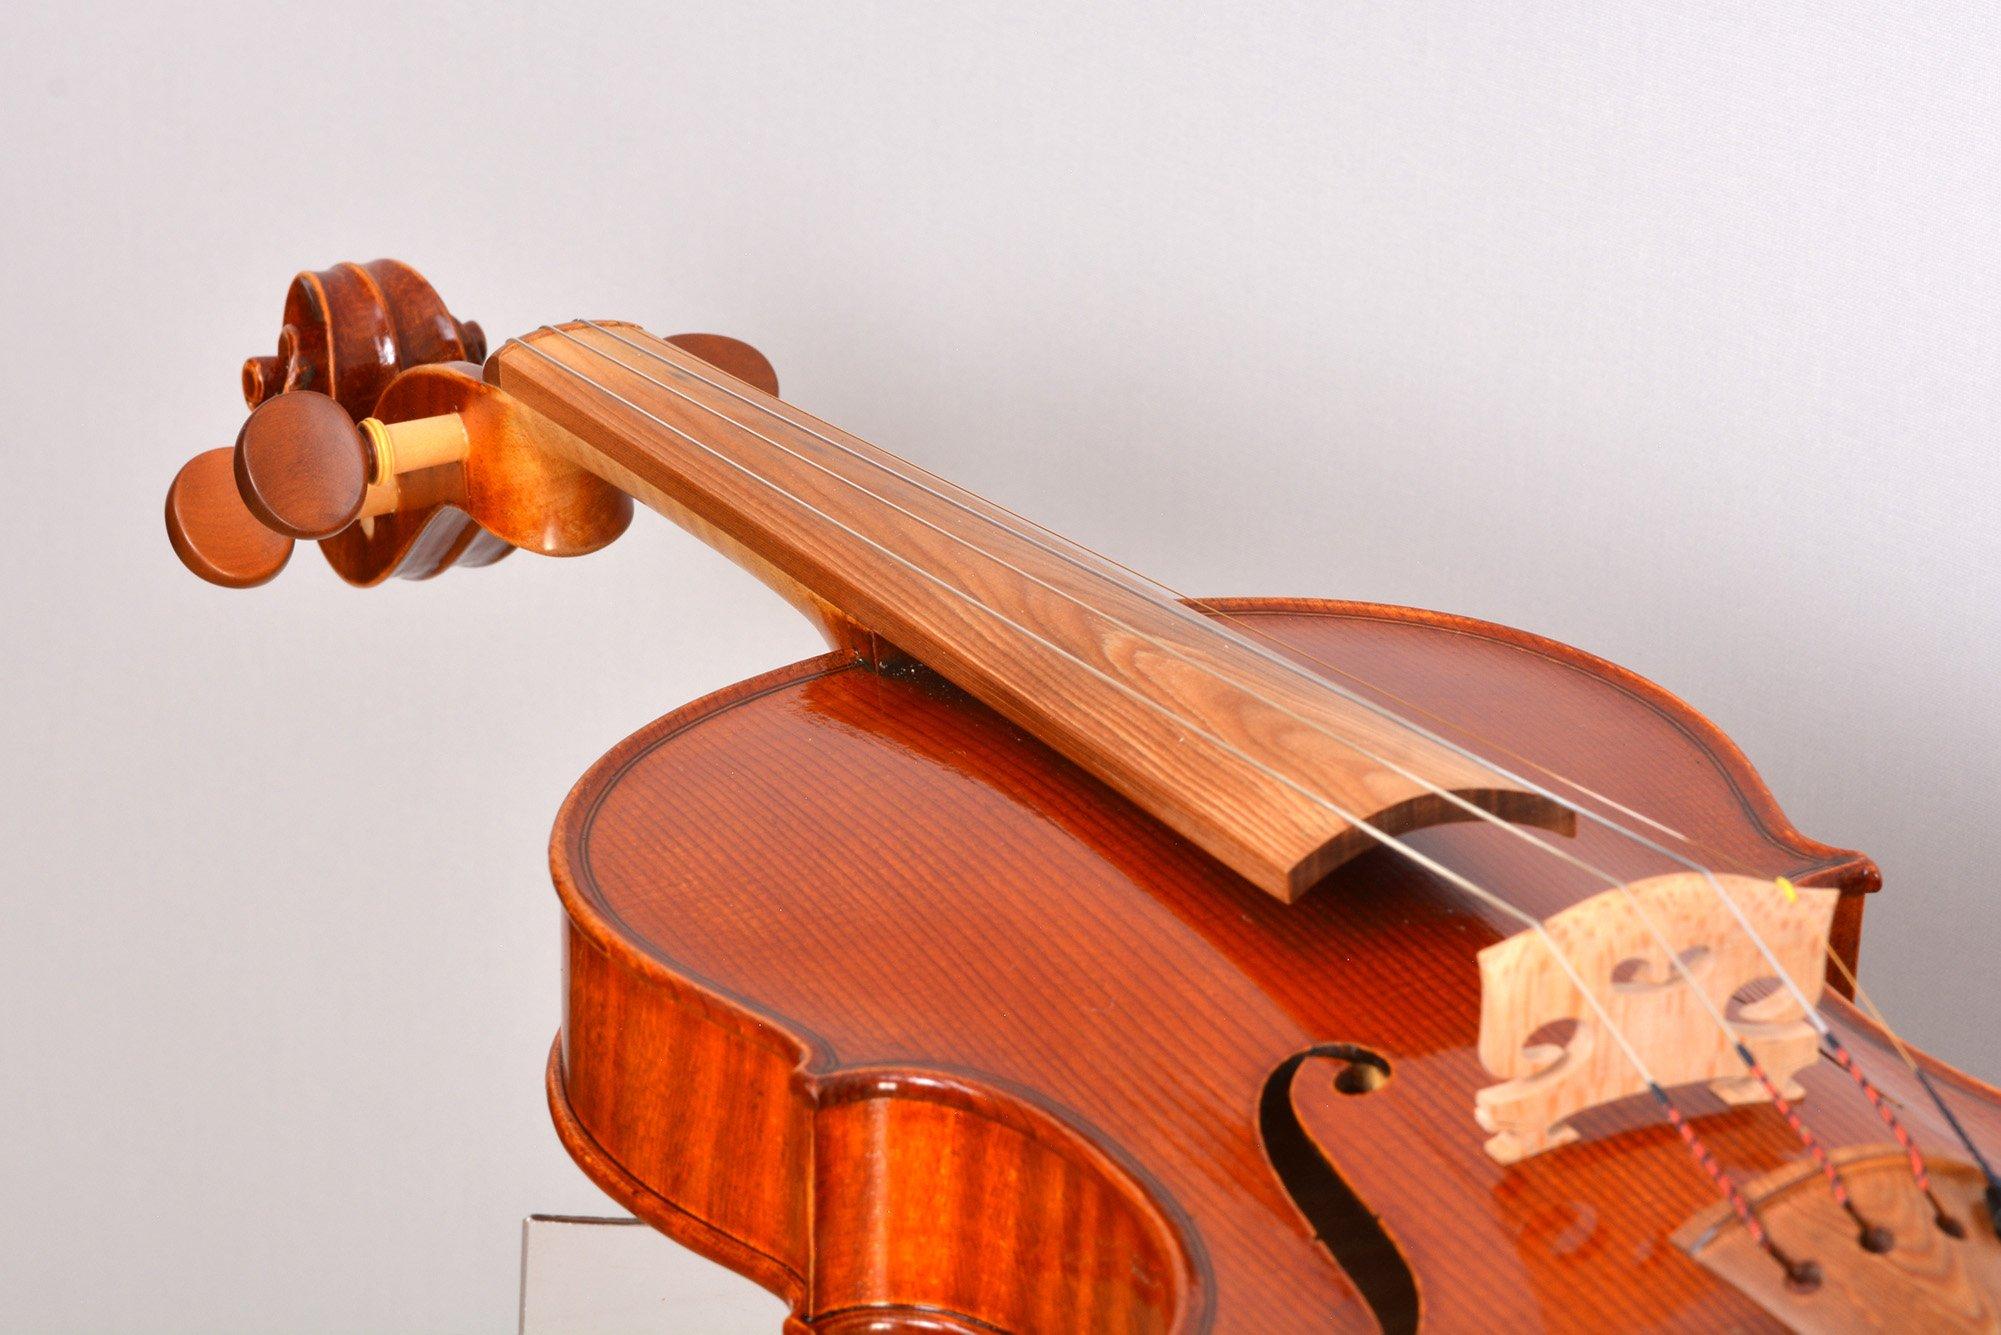 Fingerboard from Sonowood spruce made by Wilhelm Geigenbau